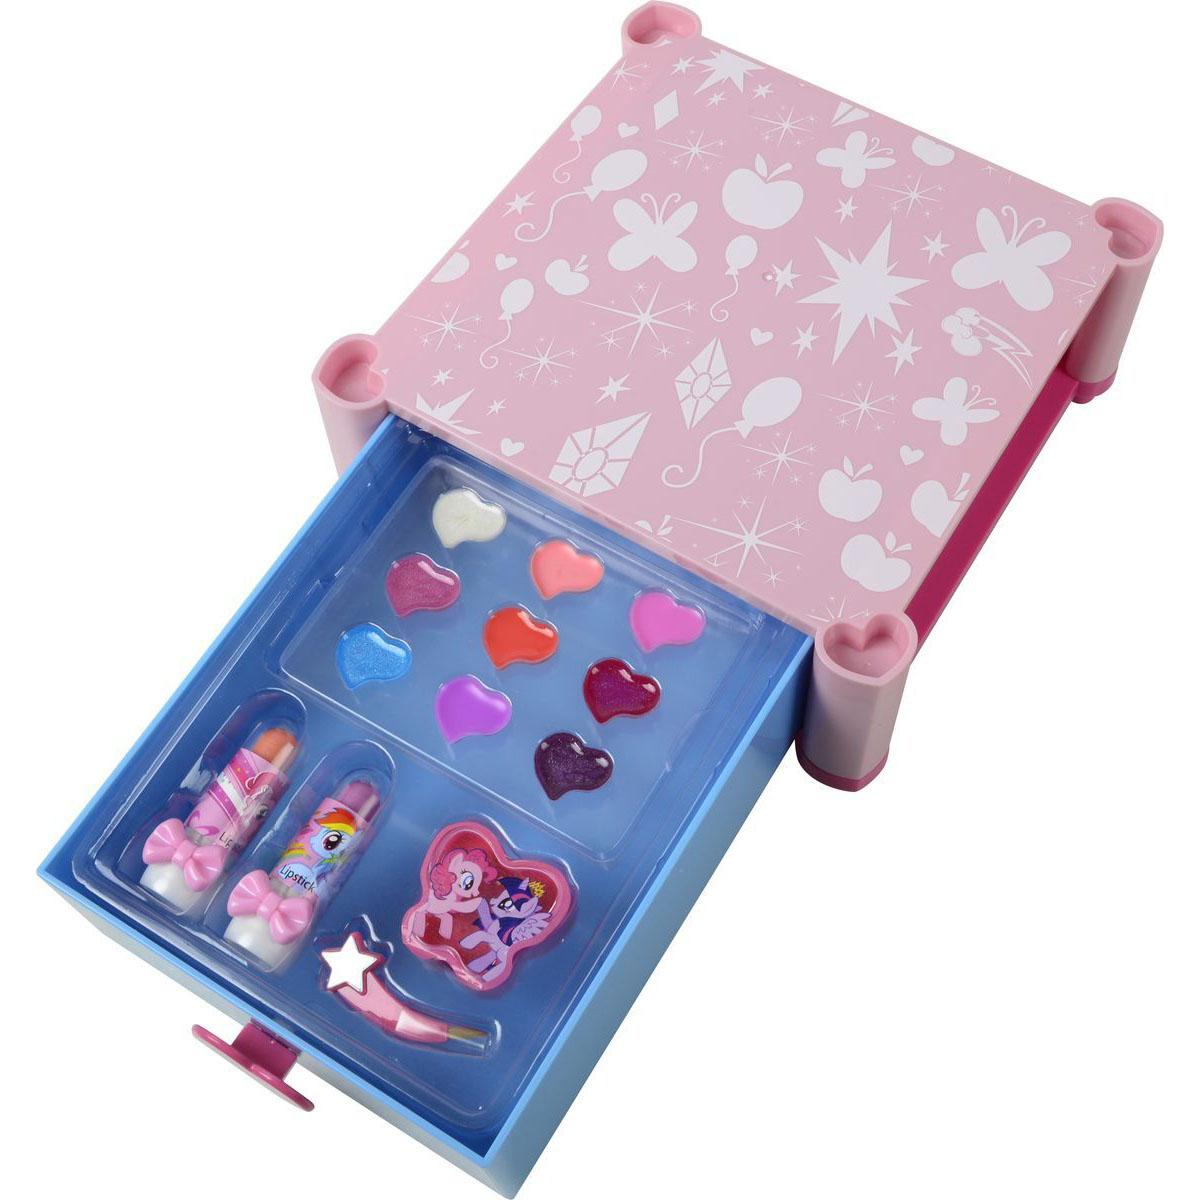 Купить Игровой набор детской декоративной косметики для губ MyLittlePony - Пинки Пай, Markwins